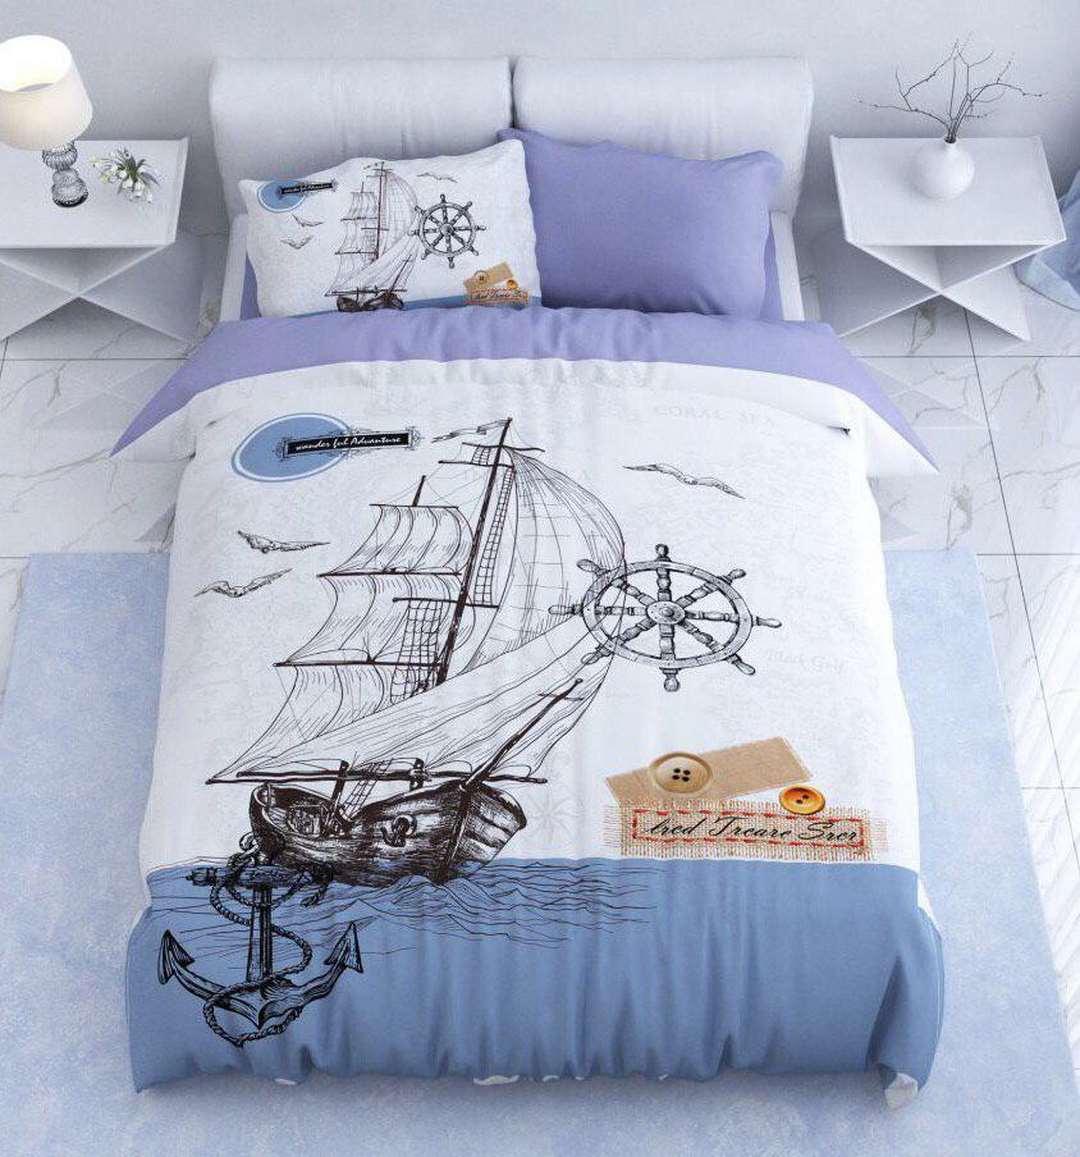 سرویس روتختی یک نفره طرح کشتی مدل های جذاب روتختی   کالای خواب بدروم